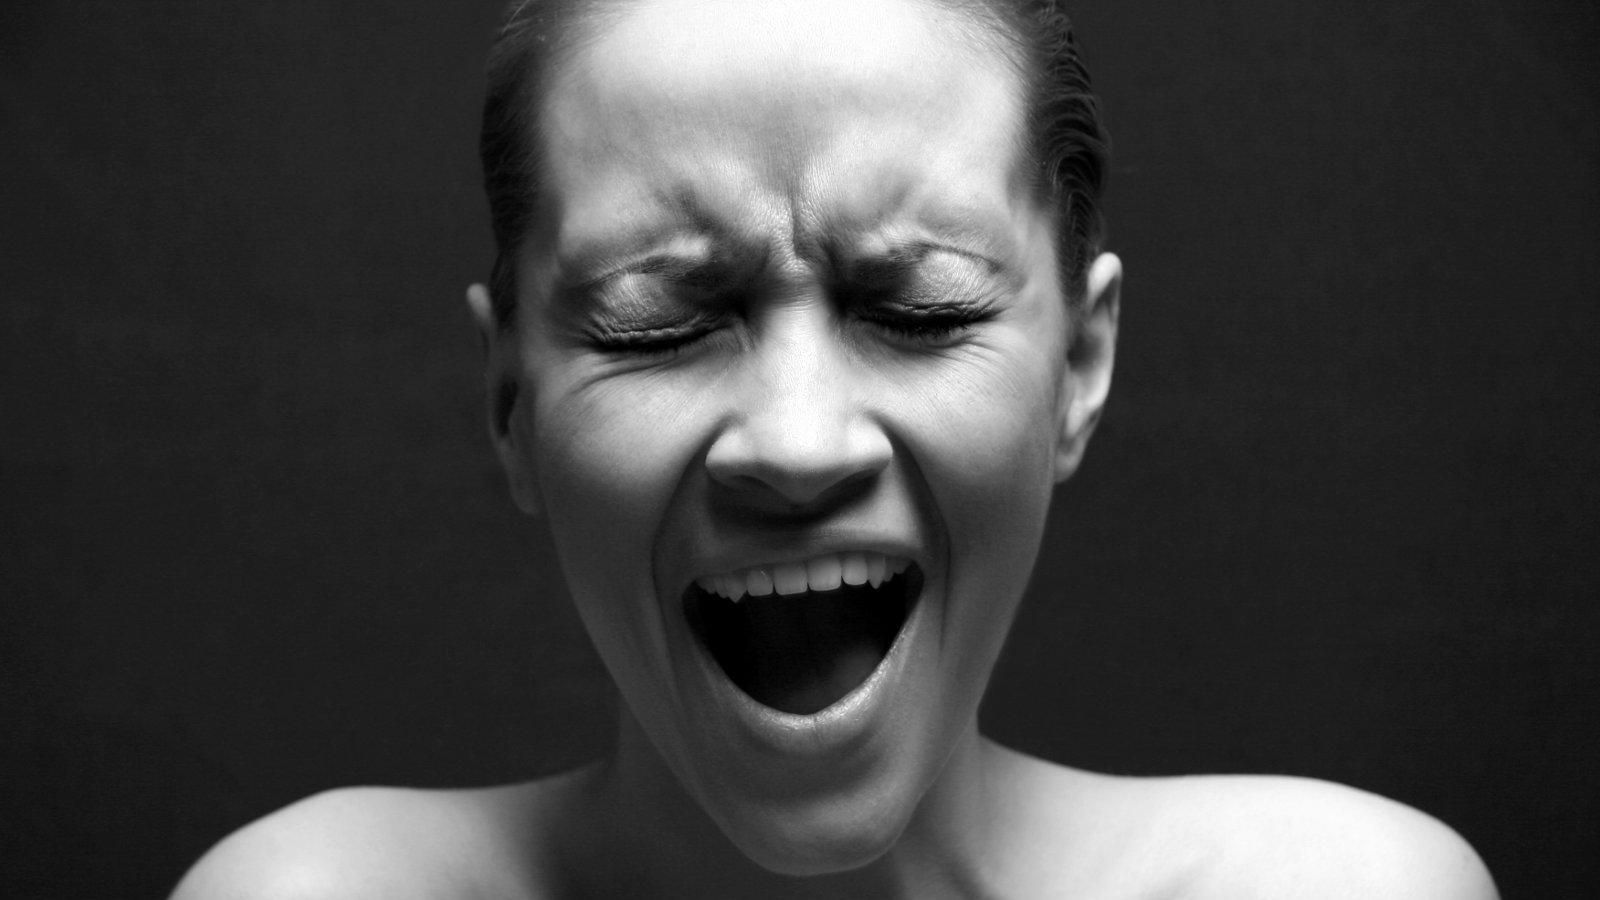 Opfer von Beziehungsgewalt sind oft der Ansicht, dass sie den Verstand verlieren. Dabei werden sie allenfalls um den Verstand gebracht.